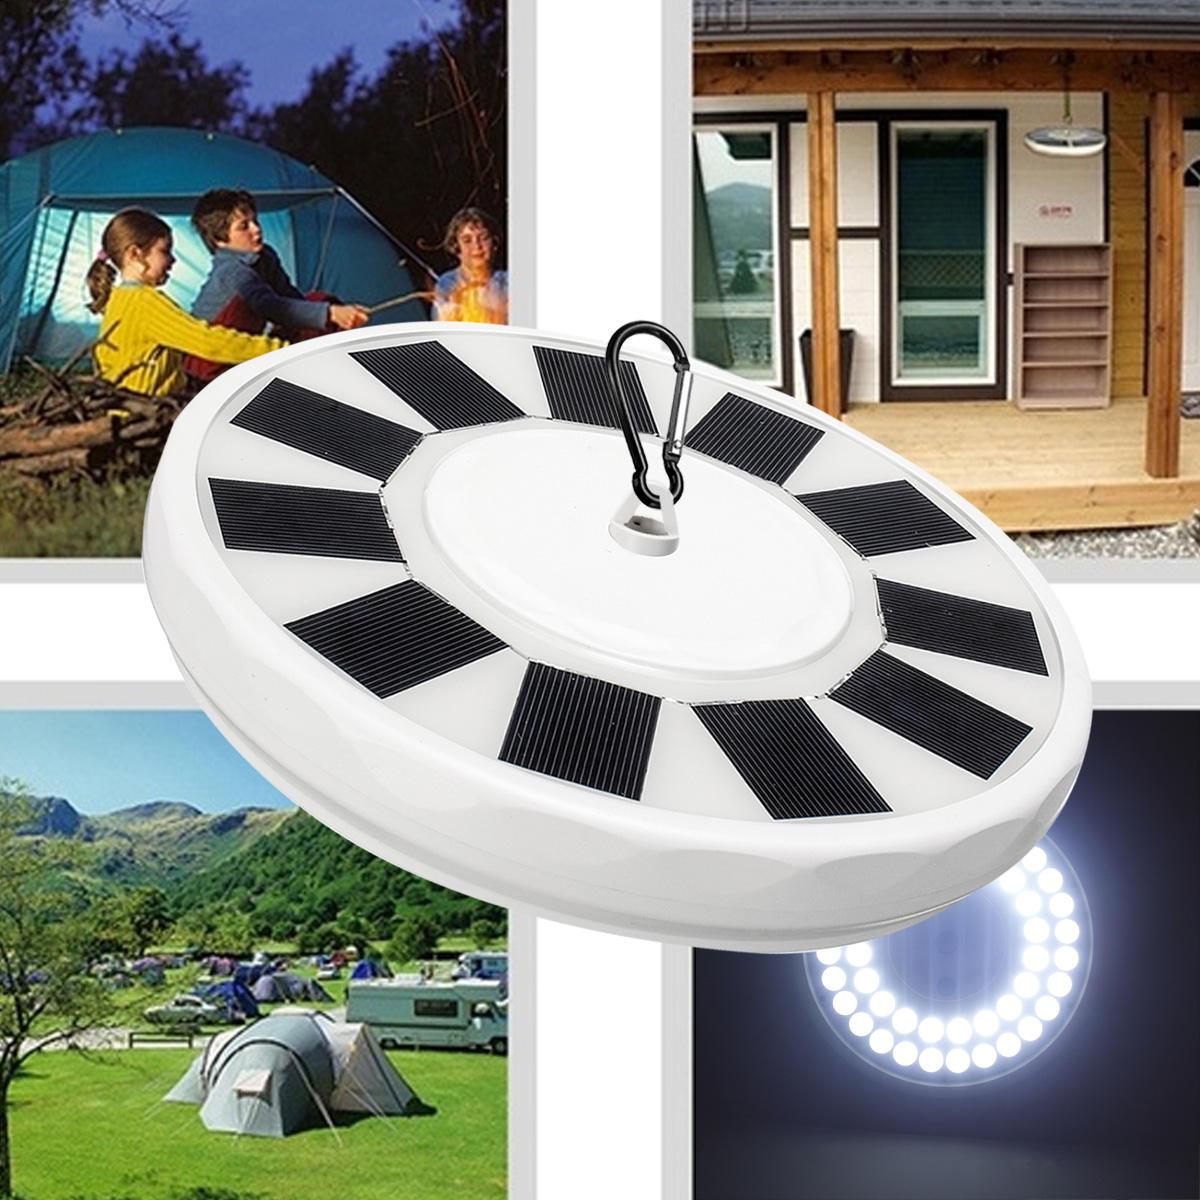 32/48 LED Solar Flag Pole Light Super Bright Night Light Camping Yard Garden